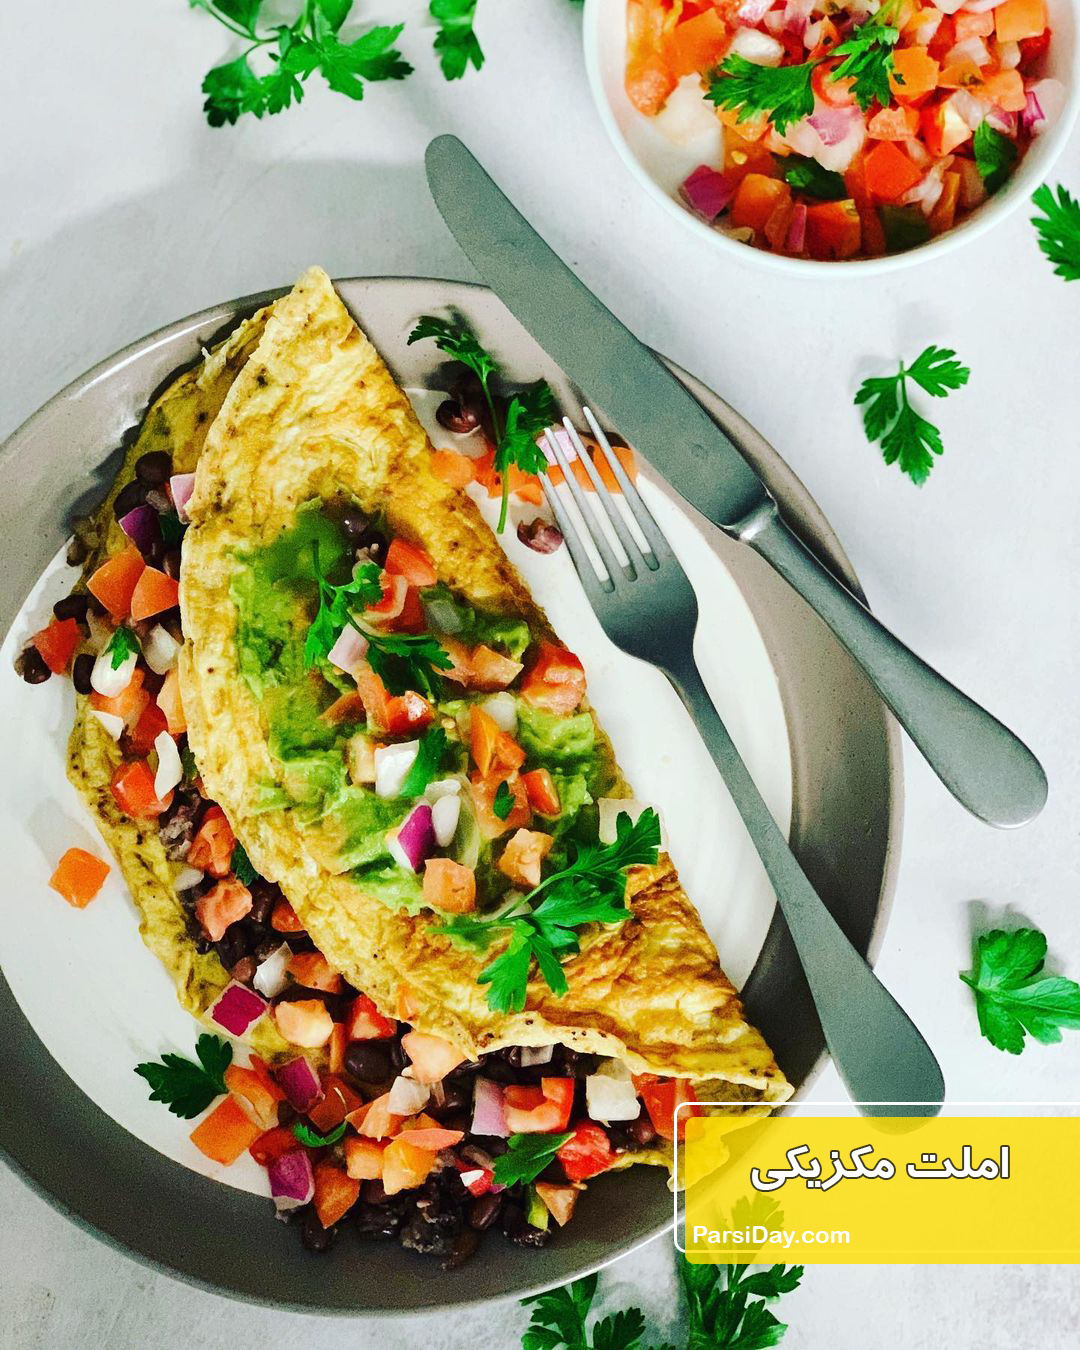 طرز تهیه املت مکزیکی خوشمزه با سیر، قارچ، سیب زمینی و پنیر